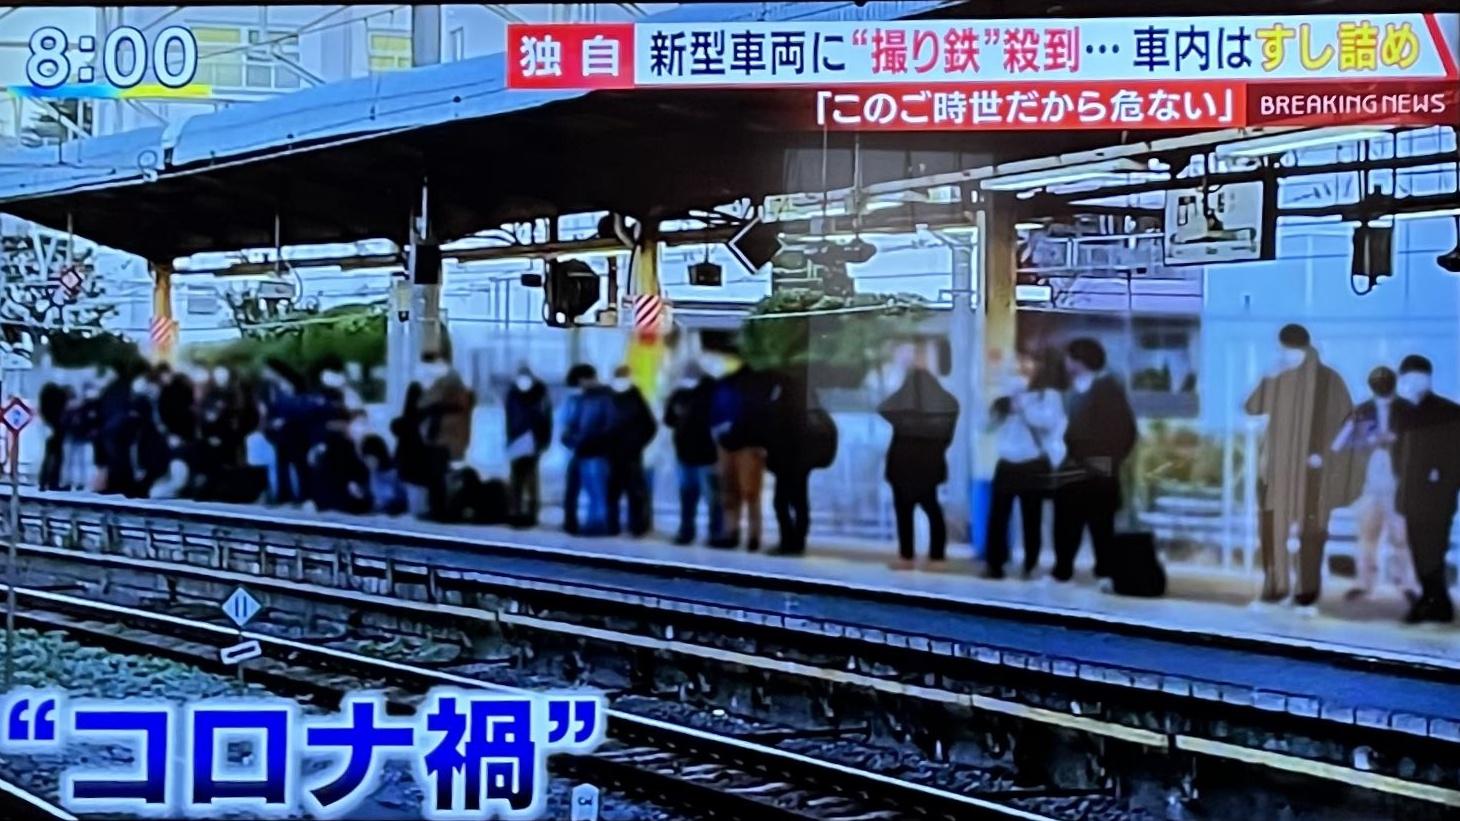 【悲報】朝のニュースにE235系での暴走が取り上げられる 撮り鉄がブチ切れマスコミも同類だと反論殺到